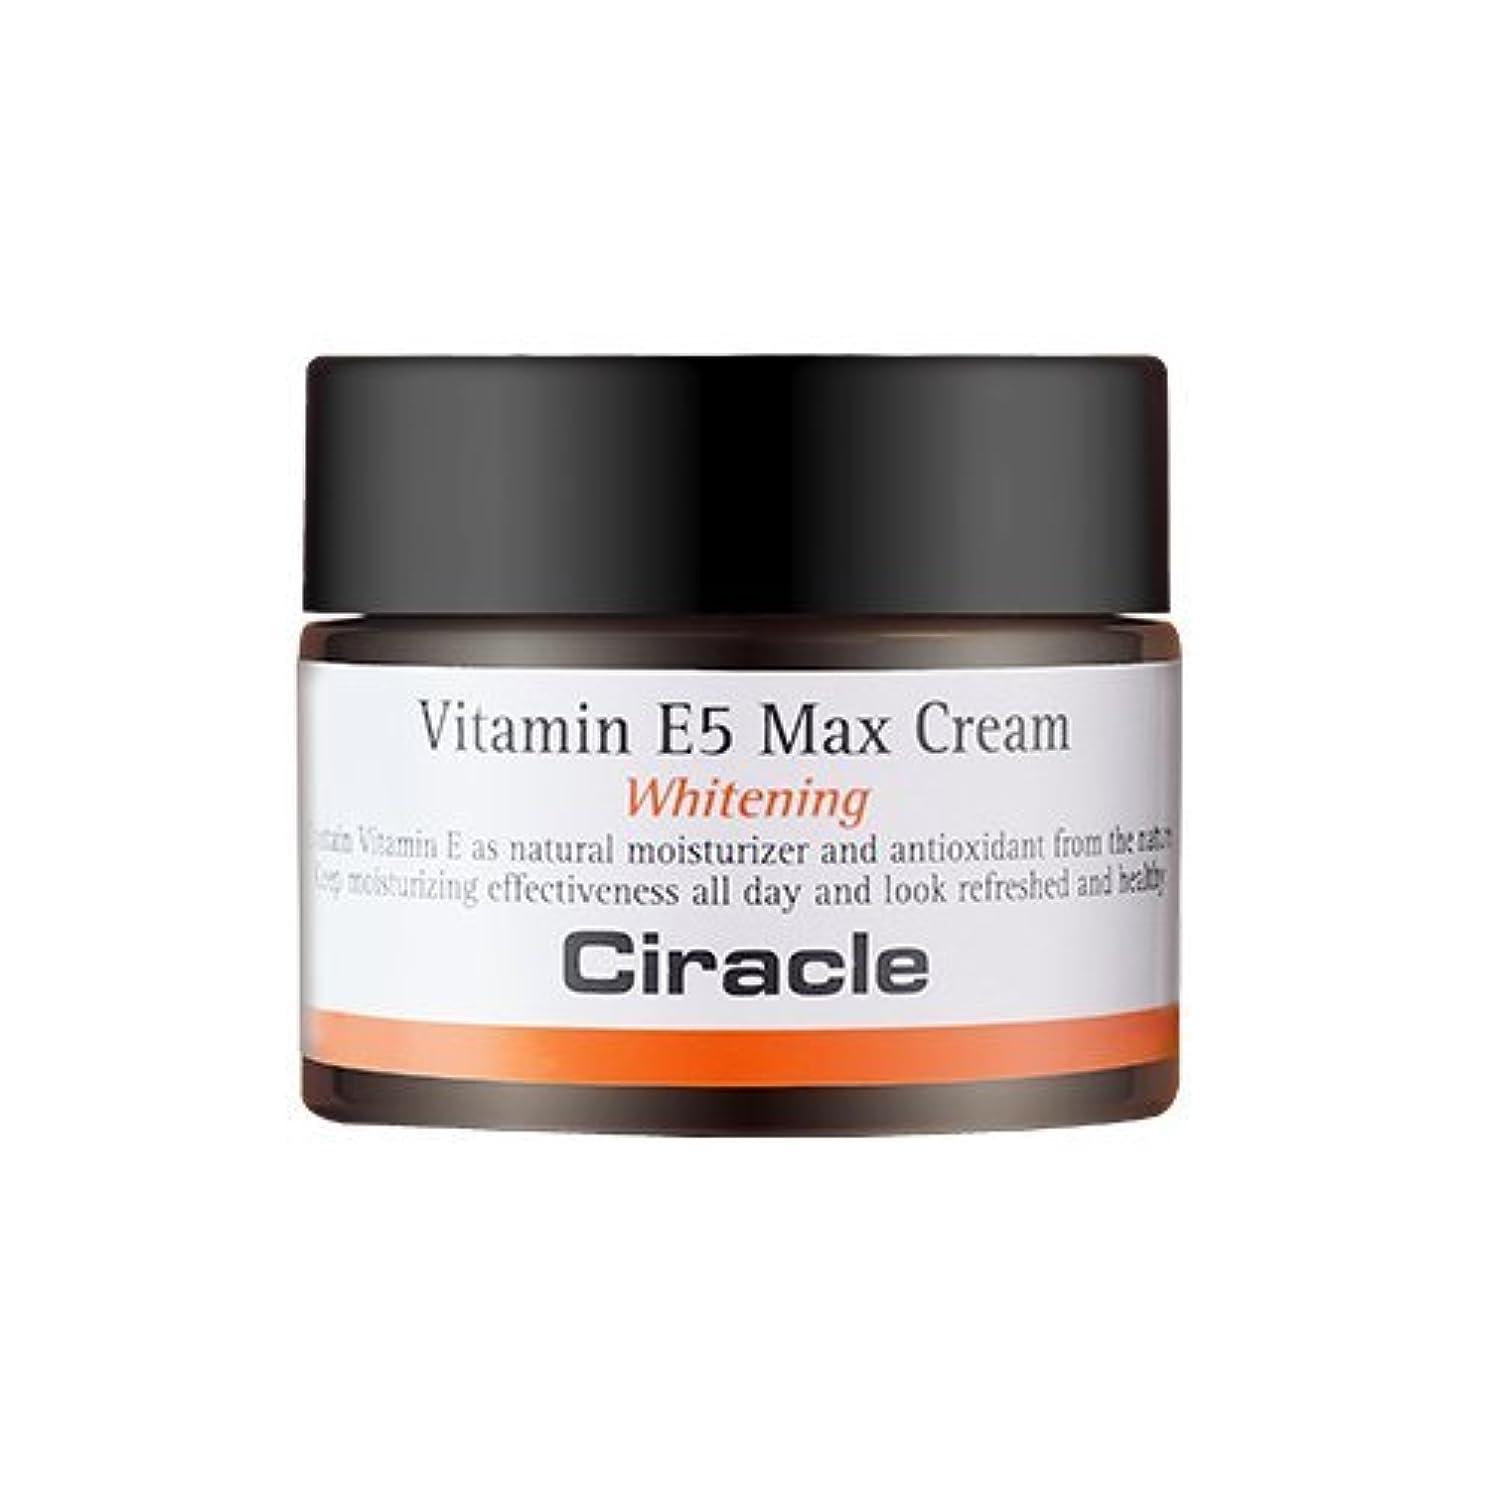 選ぶ黒人獲物Ciracle Vitamin E5 Max Cream シラクル ビタミンE5 マックス クリーム 50ml [並行輸入品]